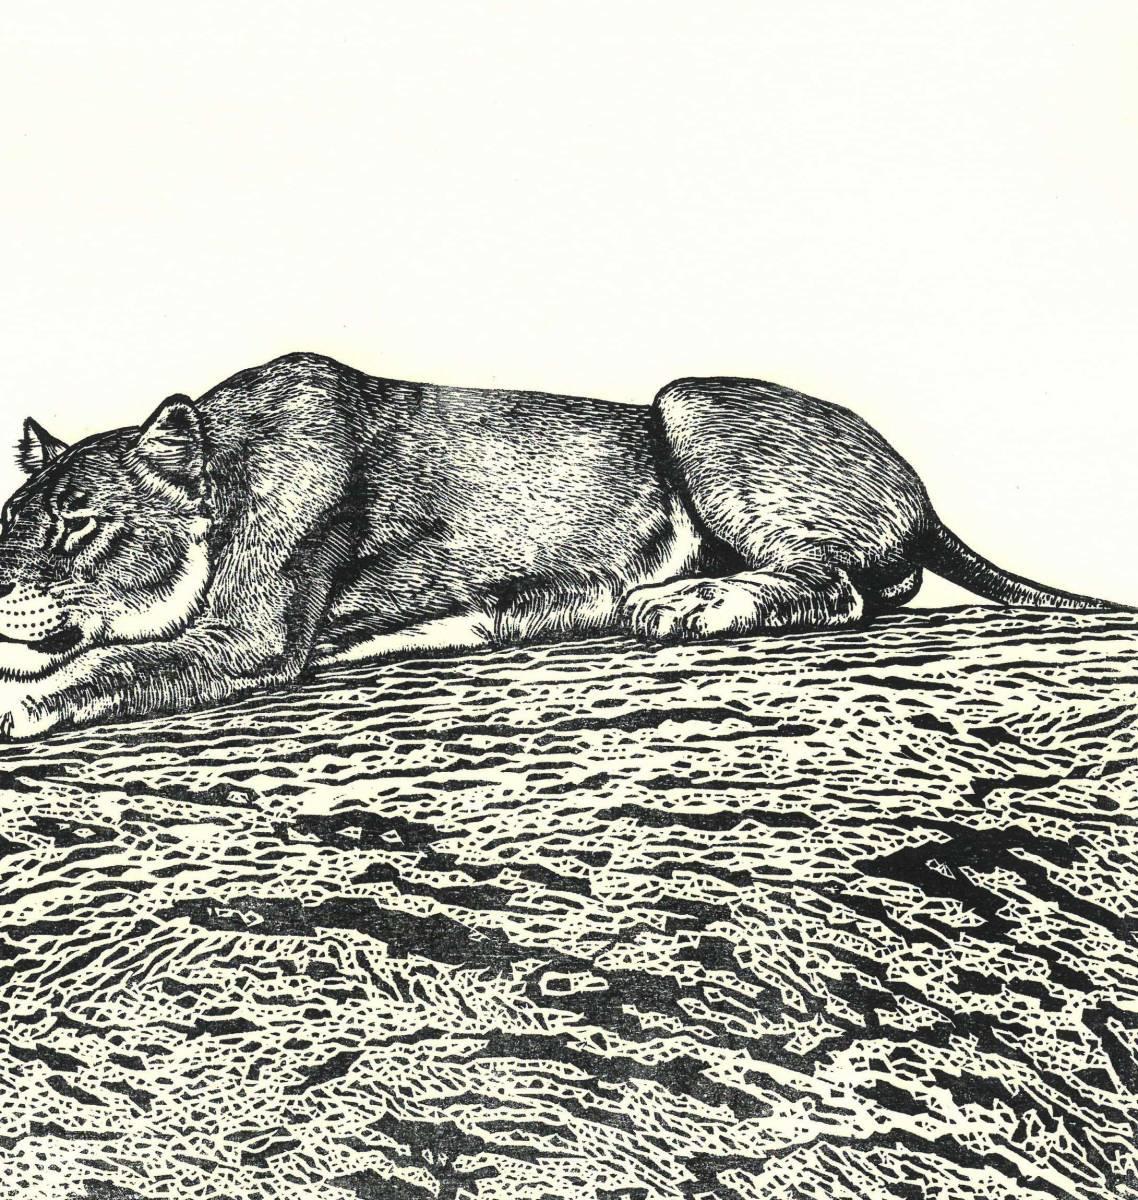 吉田遠志 (Yoshida Toshi) 木版画  ライオン#2 (Lion2)  最高峰の摺師の技をご堪能下さい!!  希少作品 残数枚のみ!!_画像8